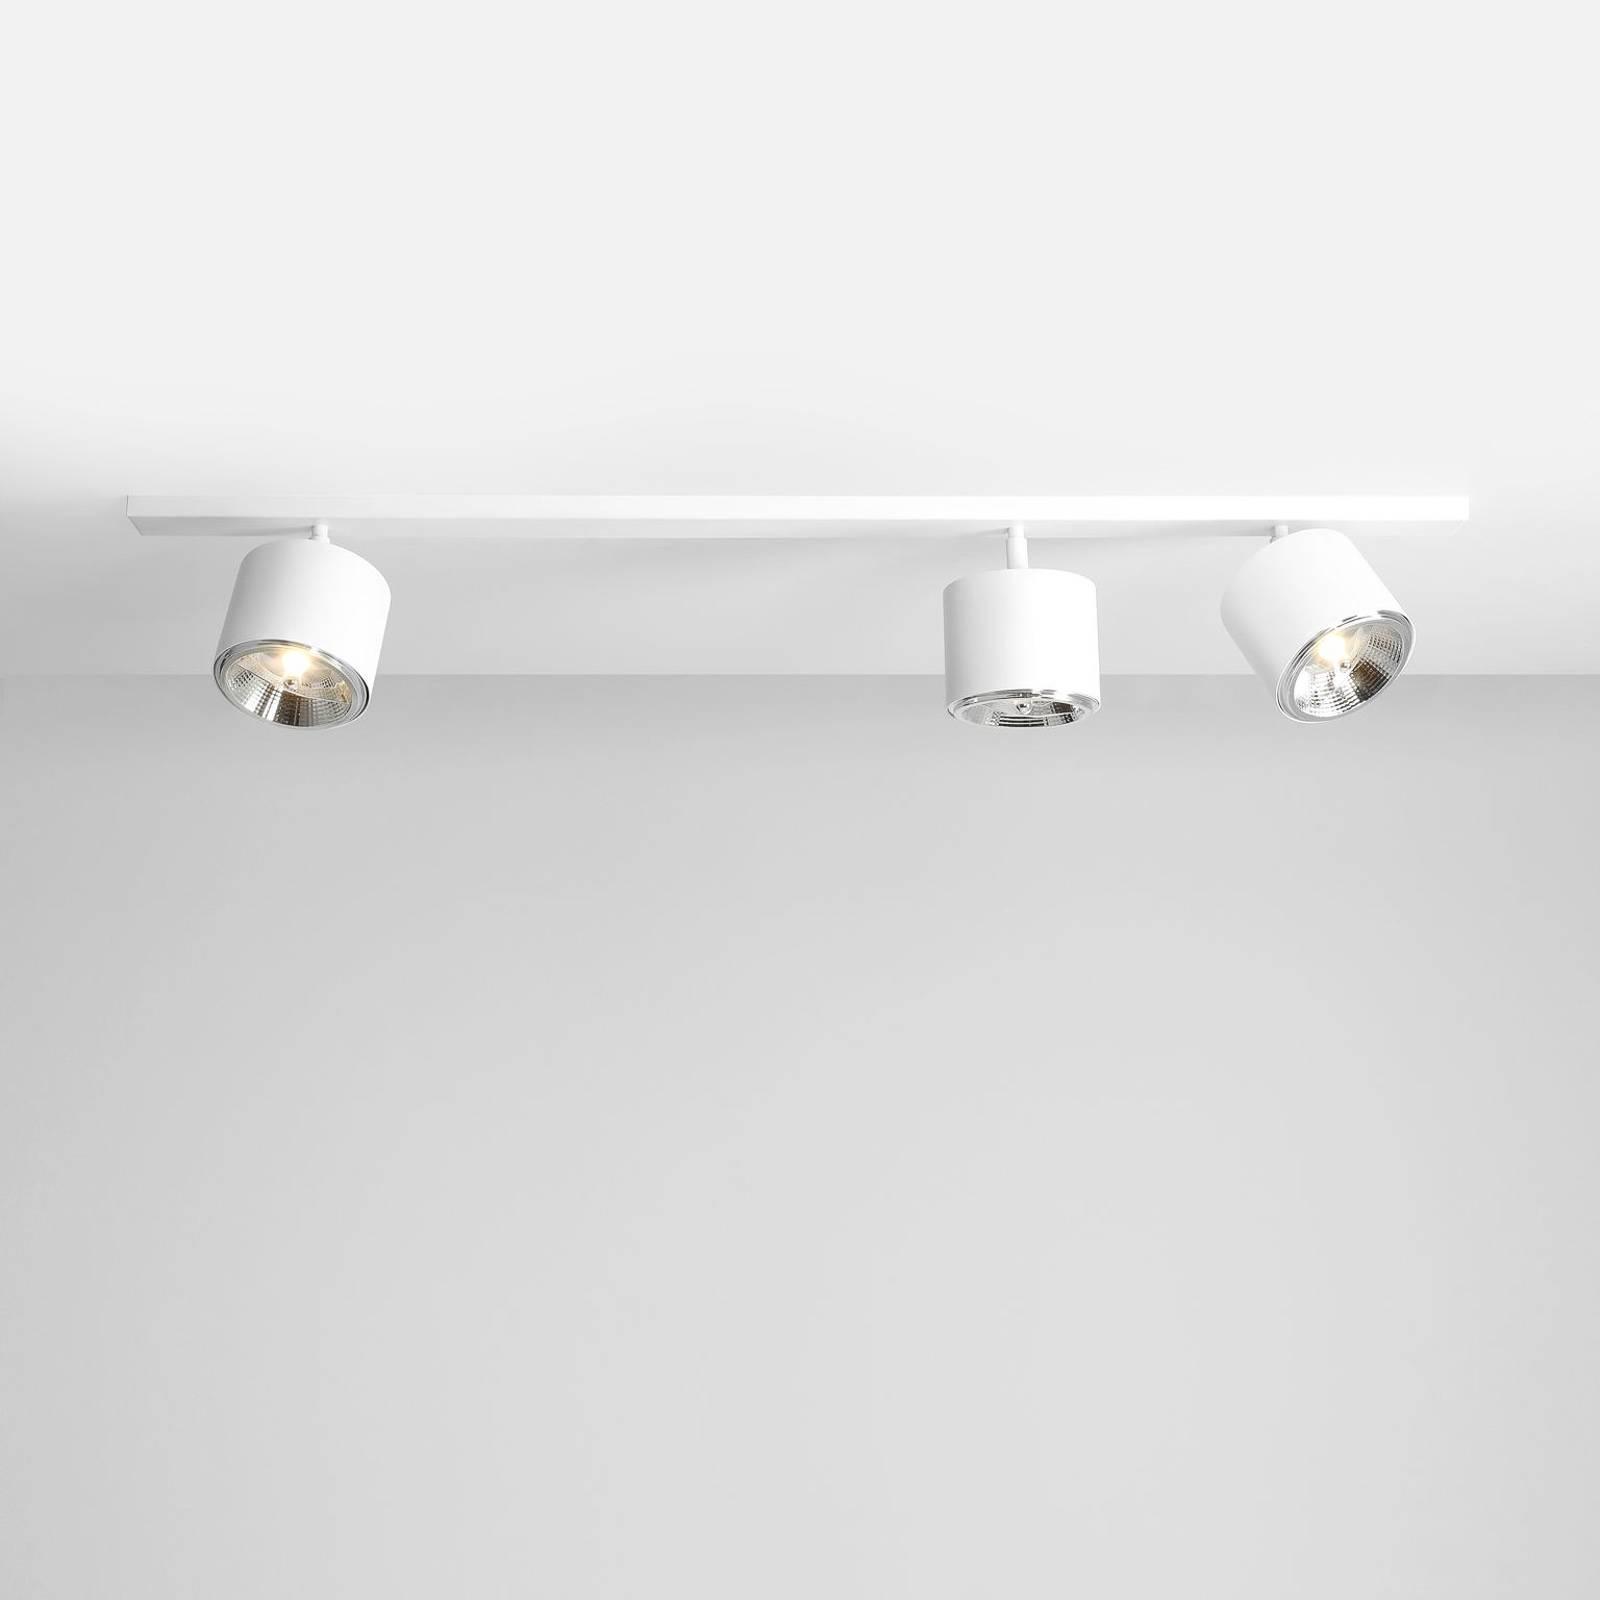 Kattokohdevalo Bot, valkoinen, 3-lamppuinen